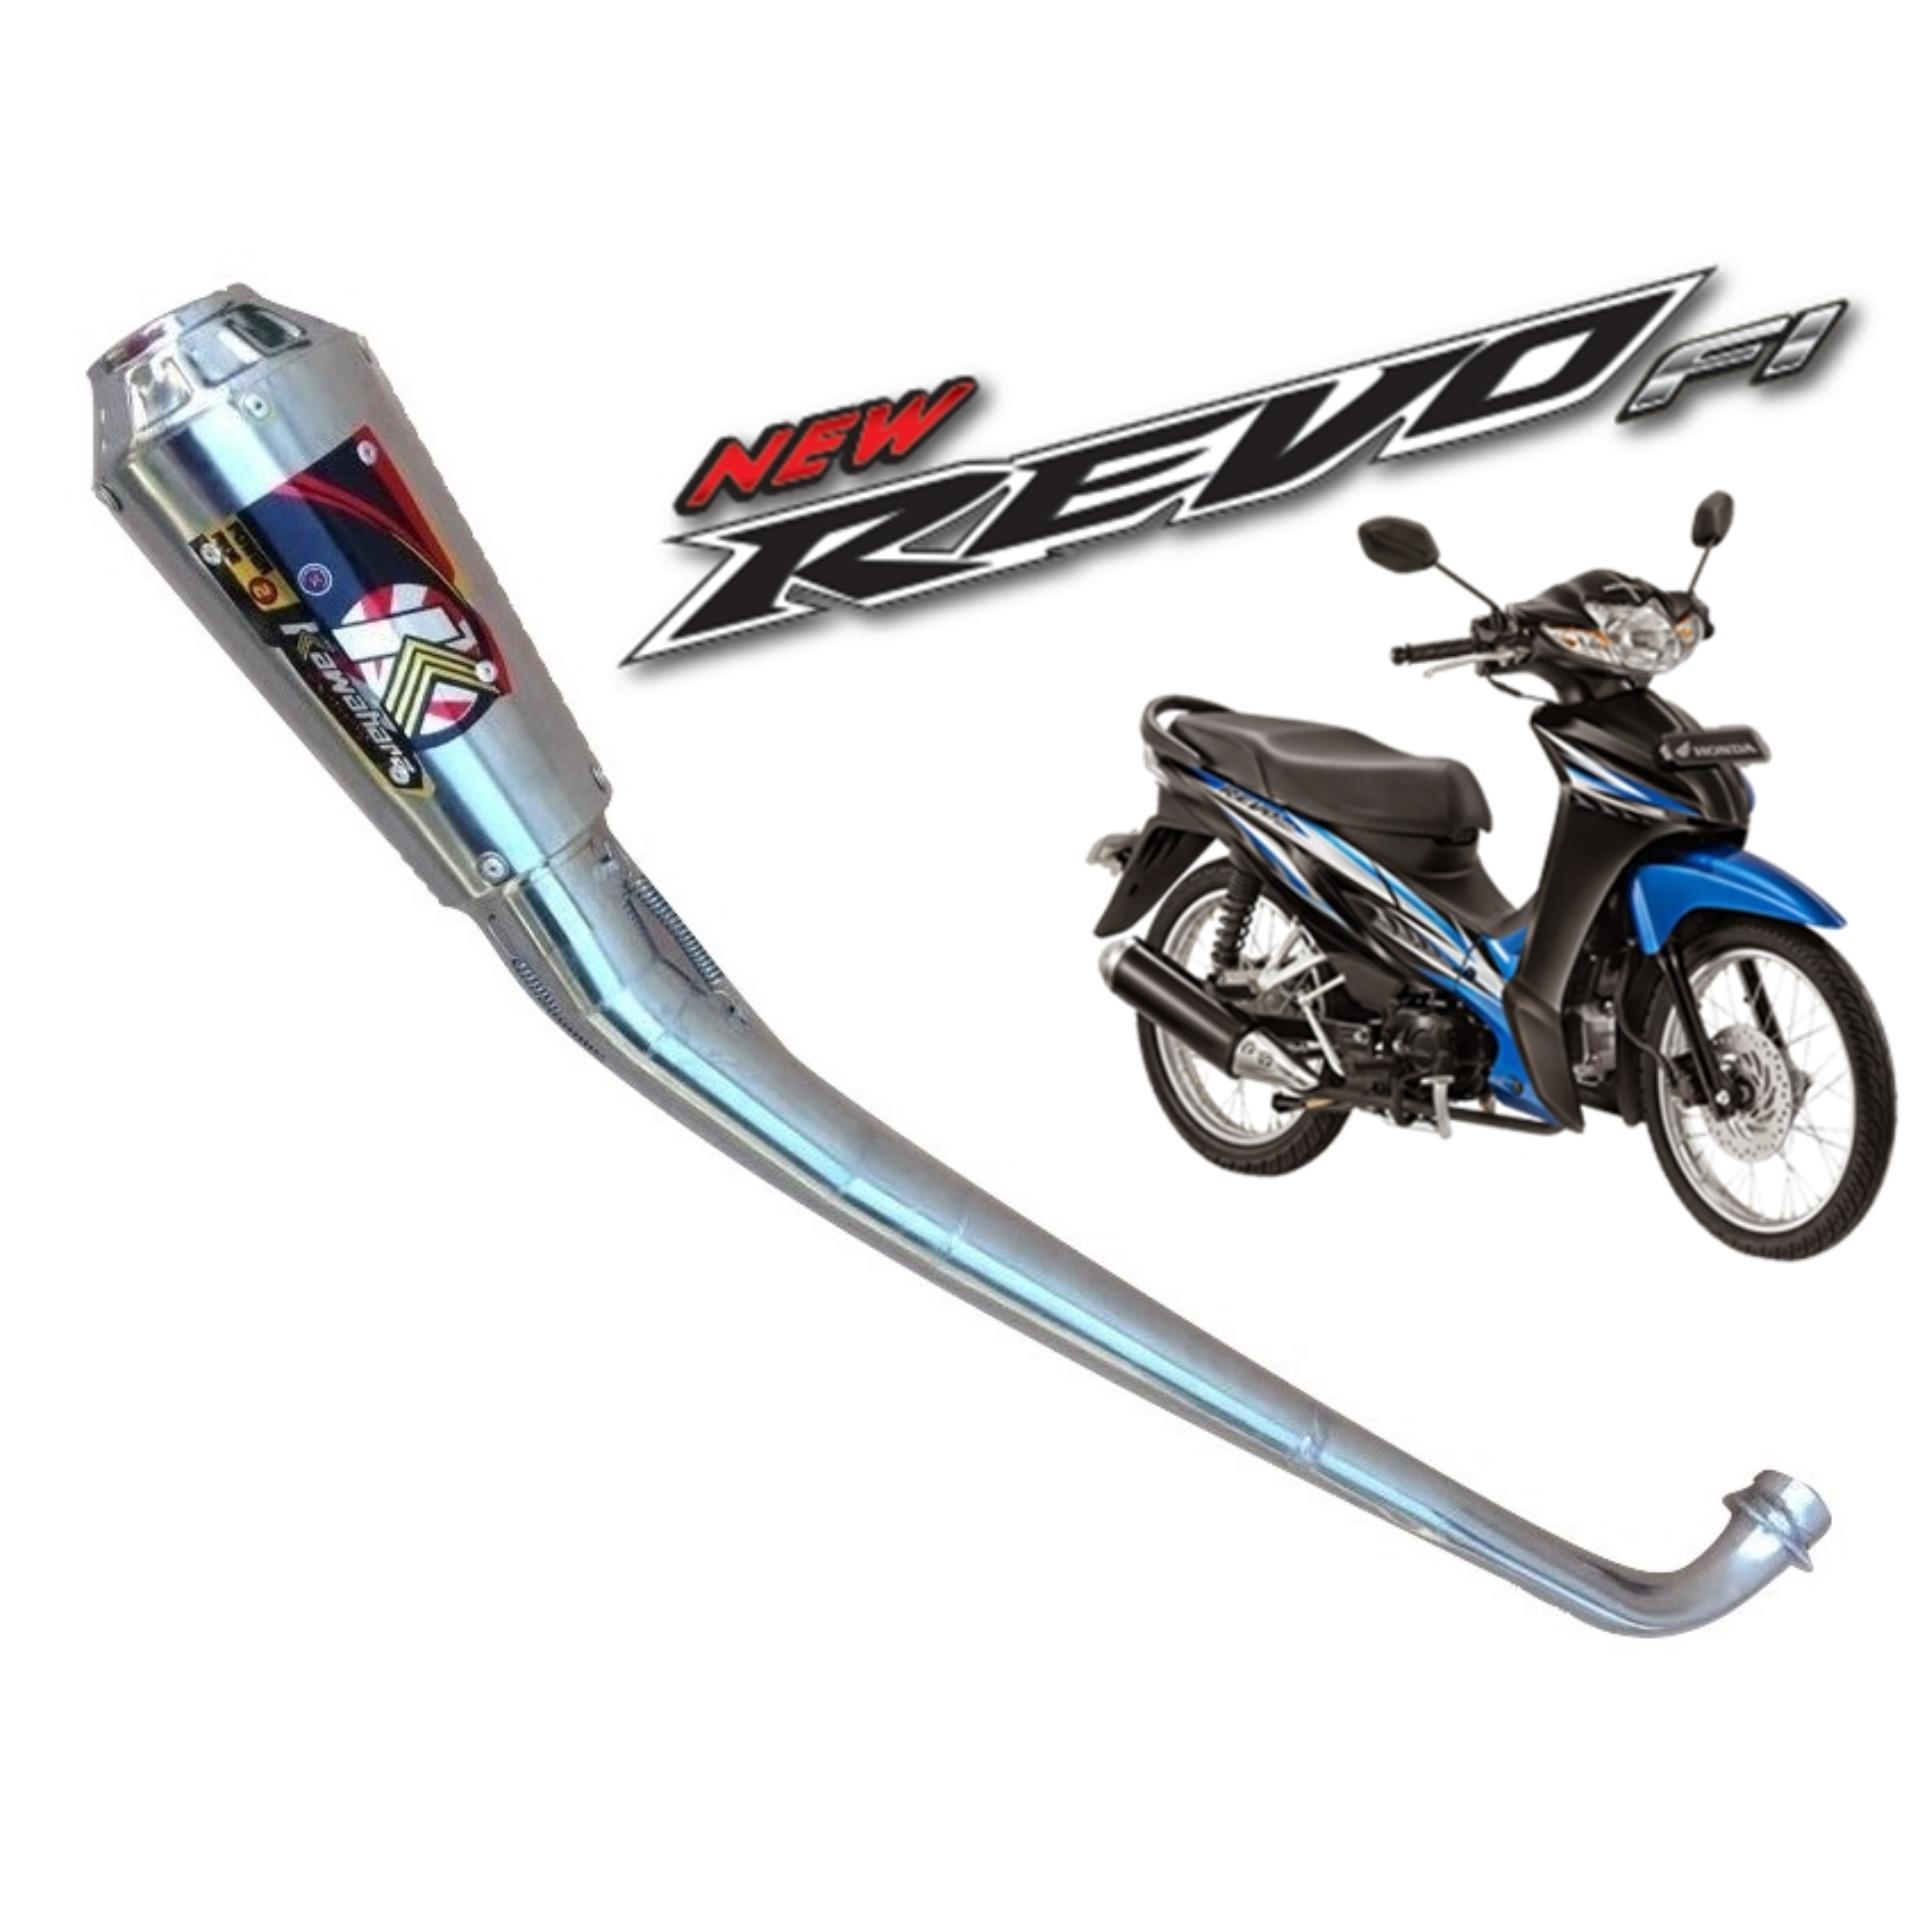 Kawahara Jual Produk Terbaik Roller Mio 7 12 Gram Knalpot Motor Revo